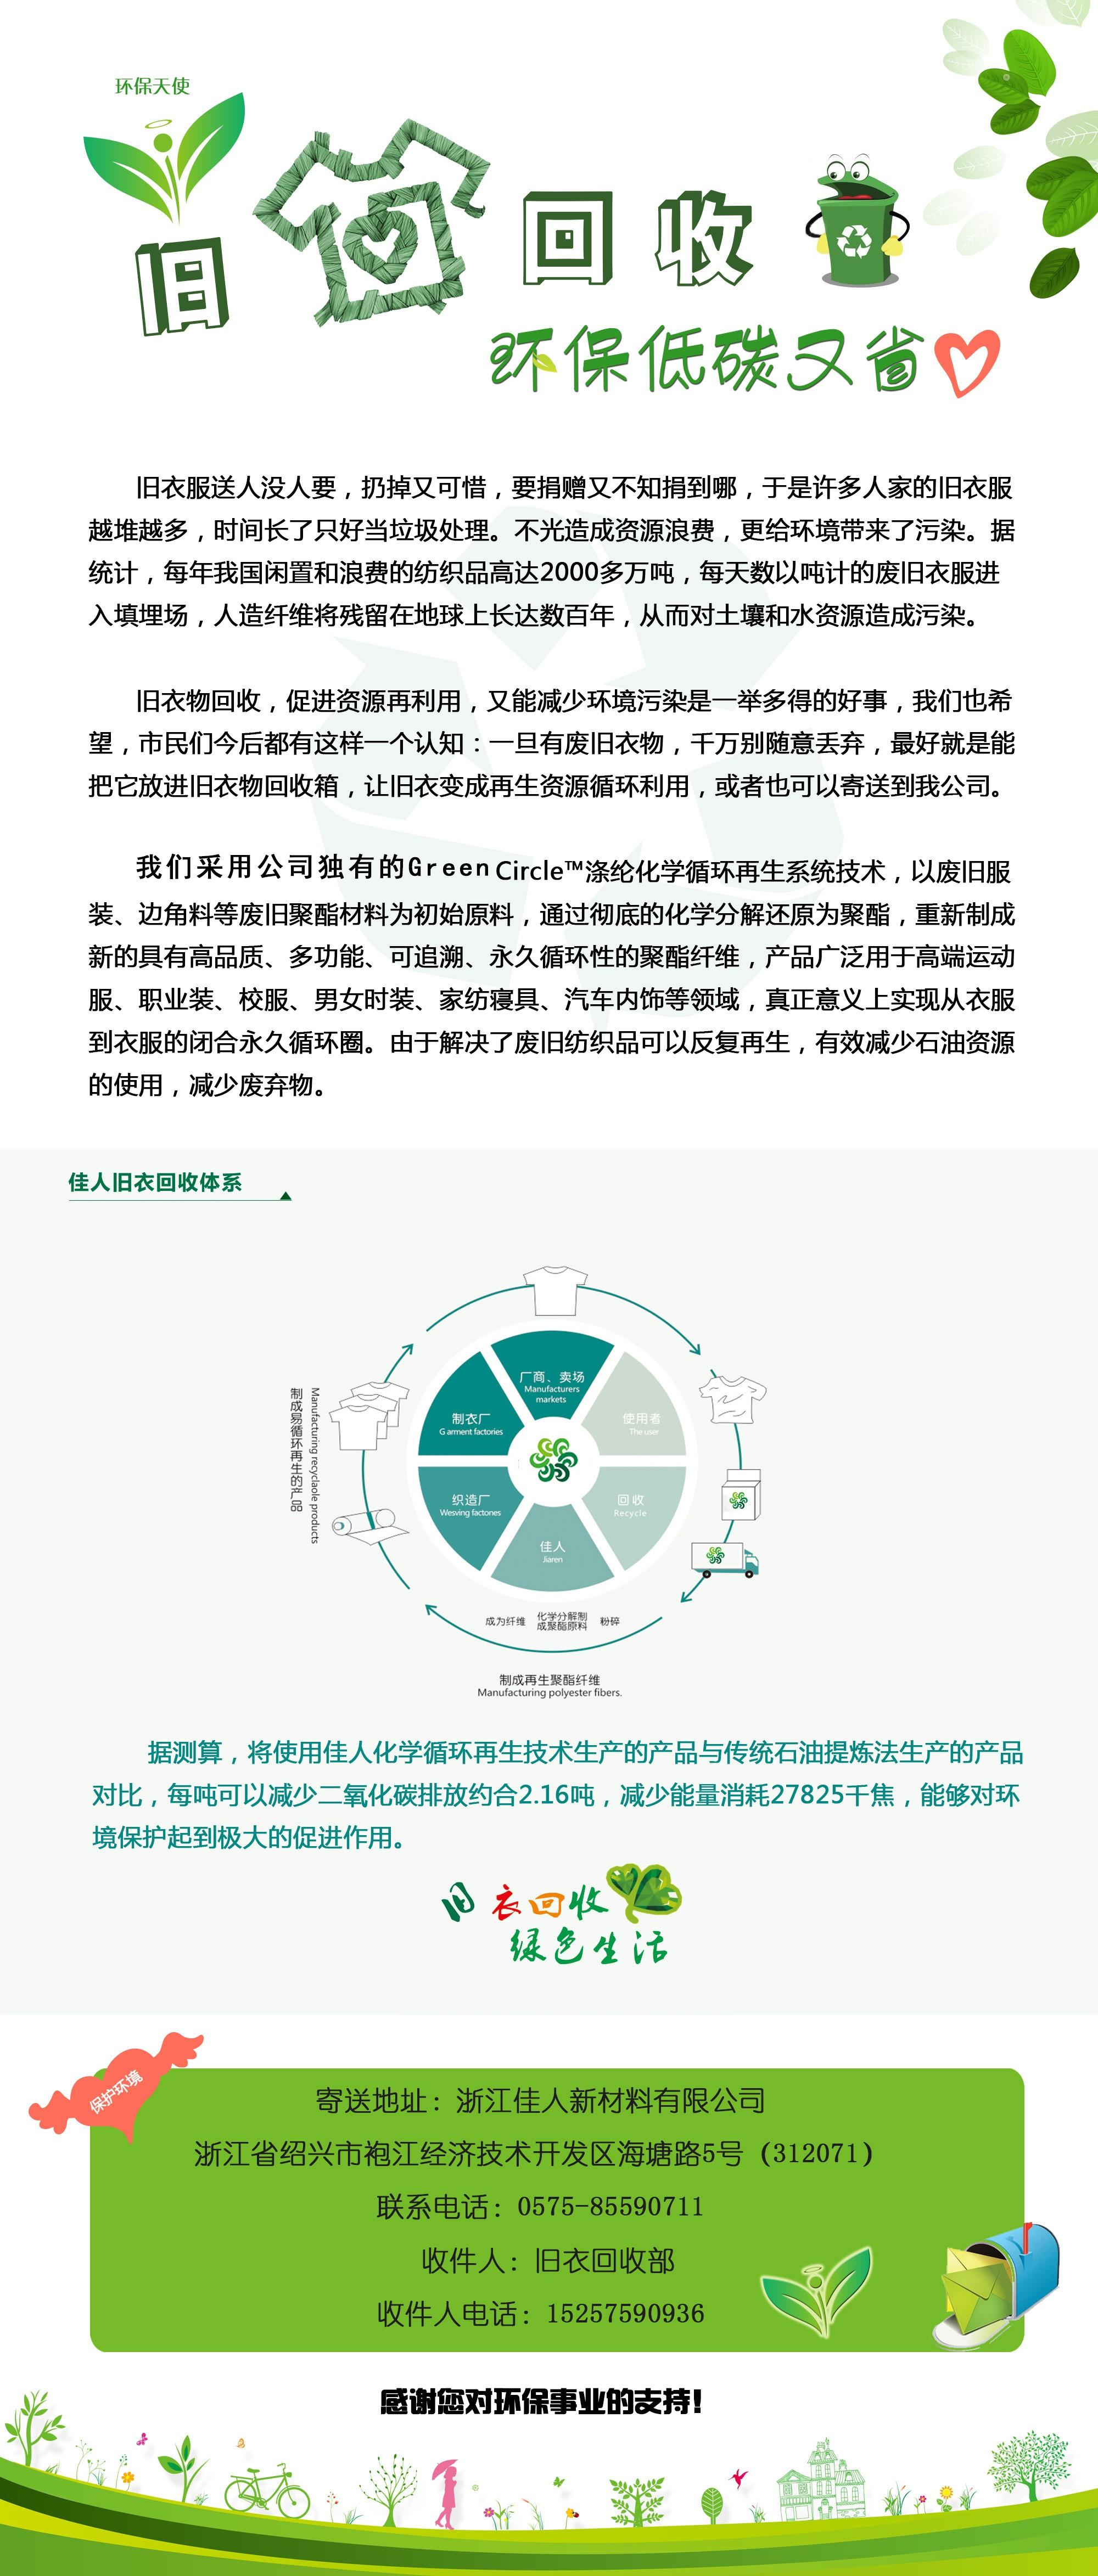 wangzhan.jpg